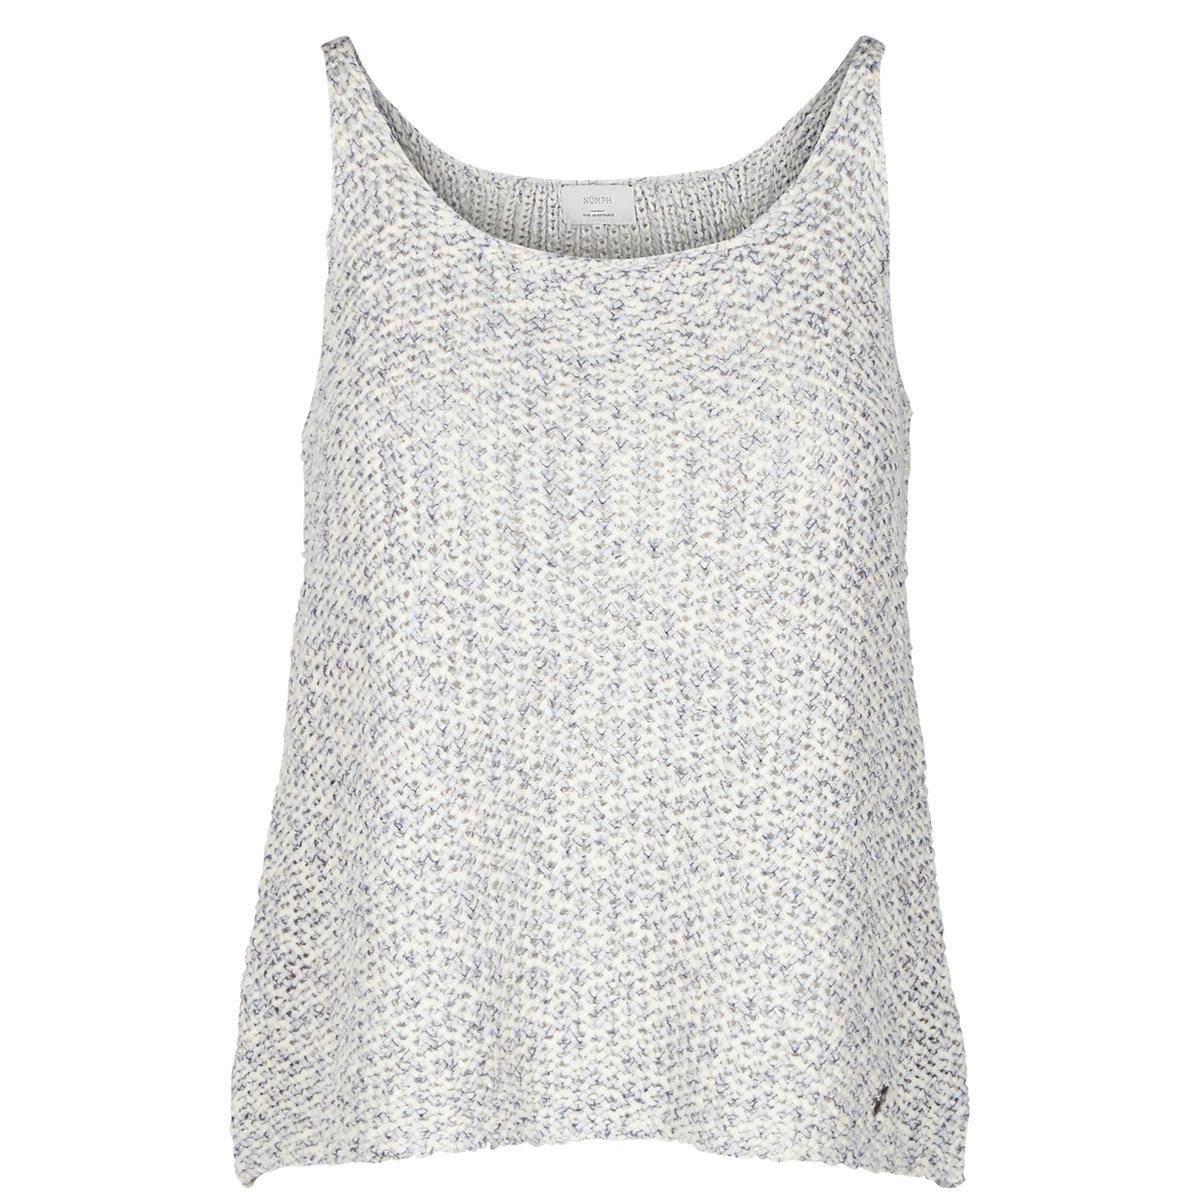 Пуловер без рукавовДетали   •  Пуловер классический  •  Без рукавов  •   V-образный вырез  •  Тонкий трикотаж Состав и уход  •  74% хлопка, 26% полиэстера  • Просьба следовать советам по уходу, указанным на этикетке изделия<br><br>Цвет: небесно-голубой<br>Размер: XL.L.M.XS